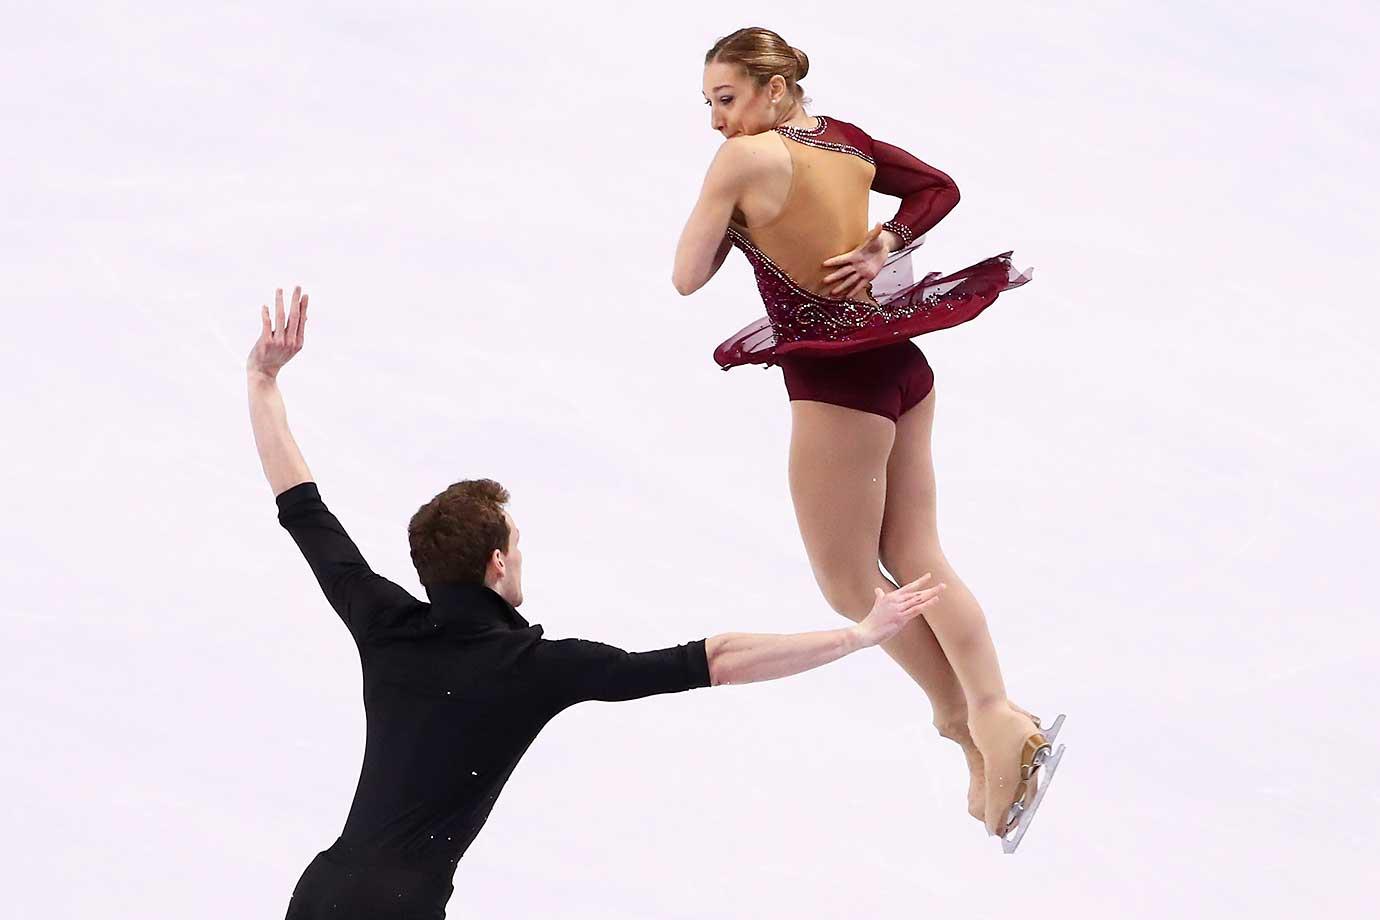 Lola Esbrat and Andrei Novoselov of France skate in the Pairs Short Program.